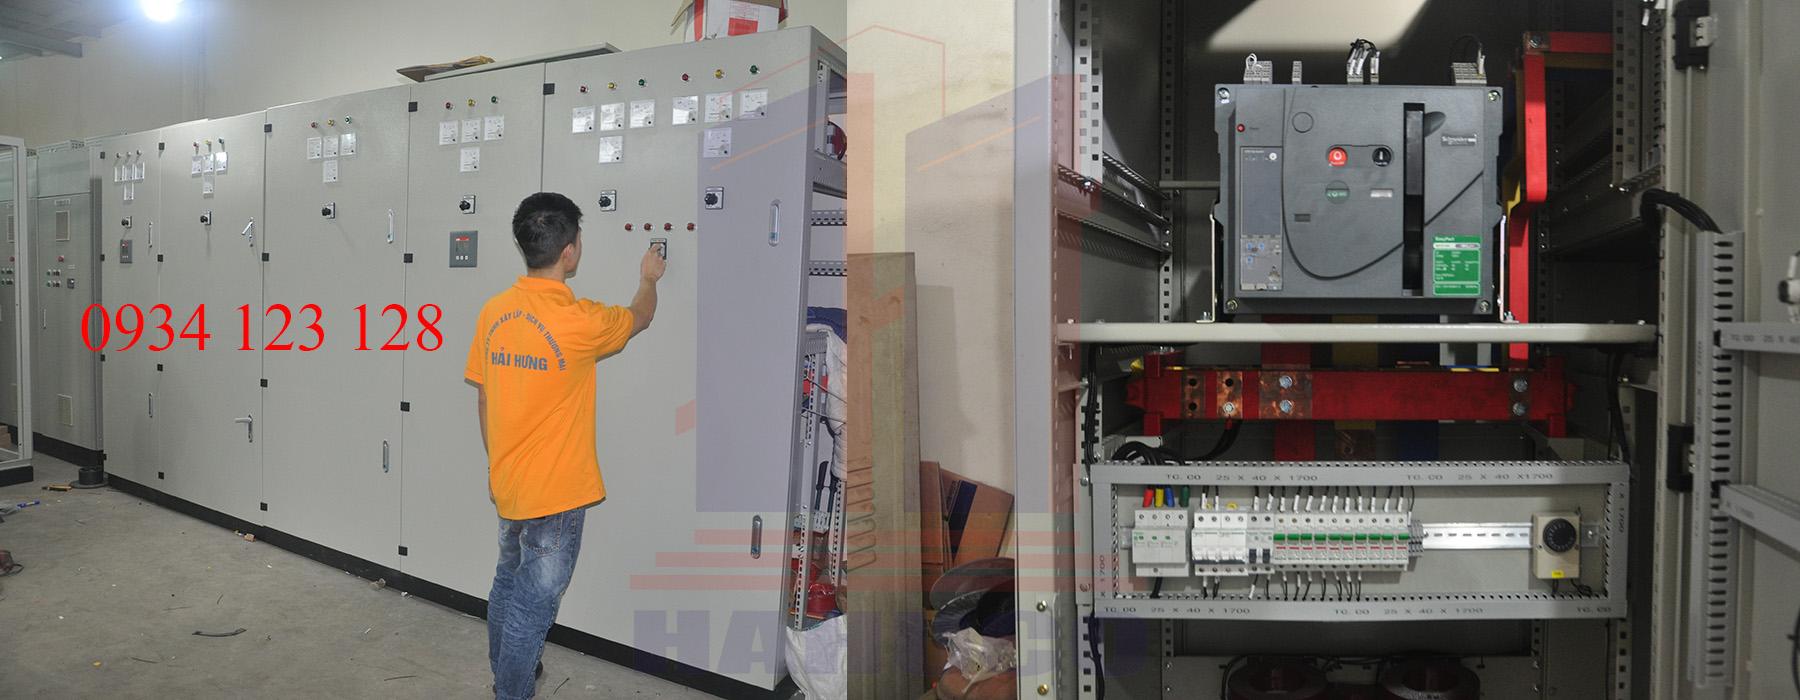 Top 5 loại tủ điện công nghiệp giá rẻ